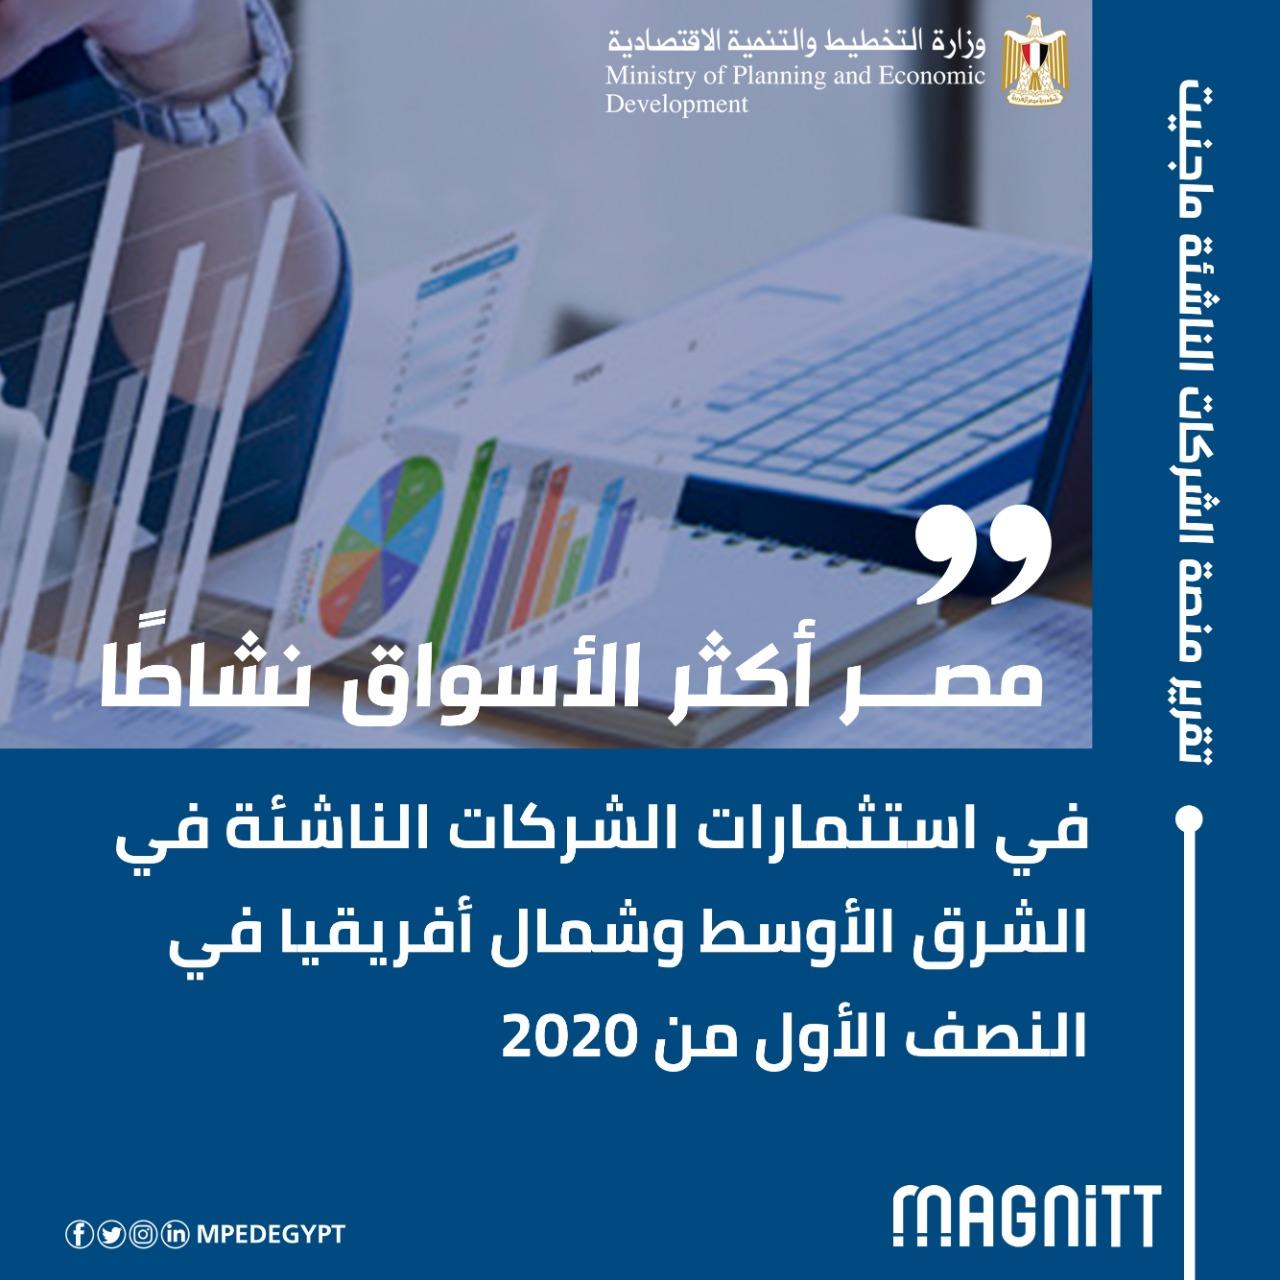 مصر أكثر الأسواق نشاطاً في استثمارات الشركات الناشئة